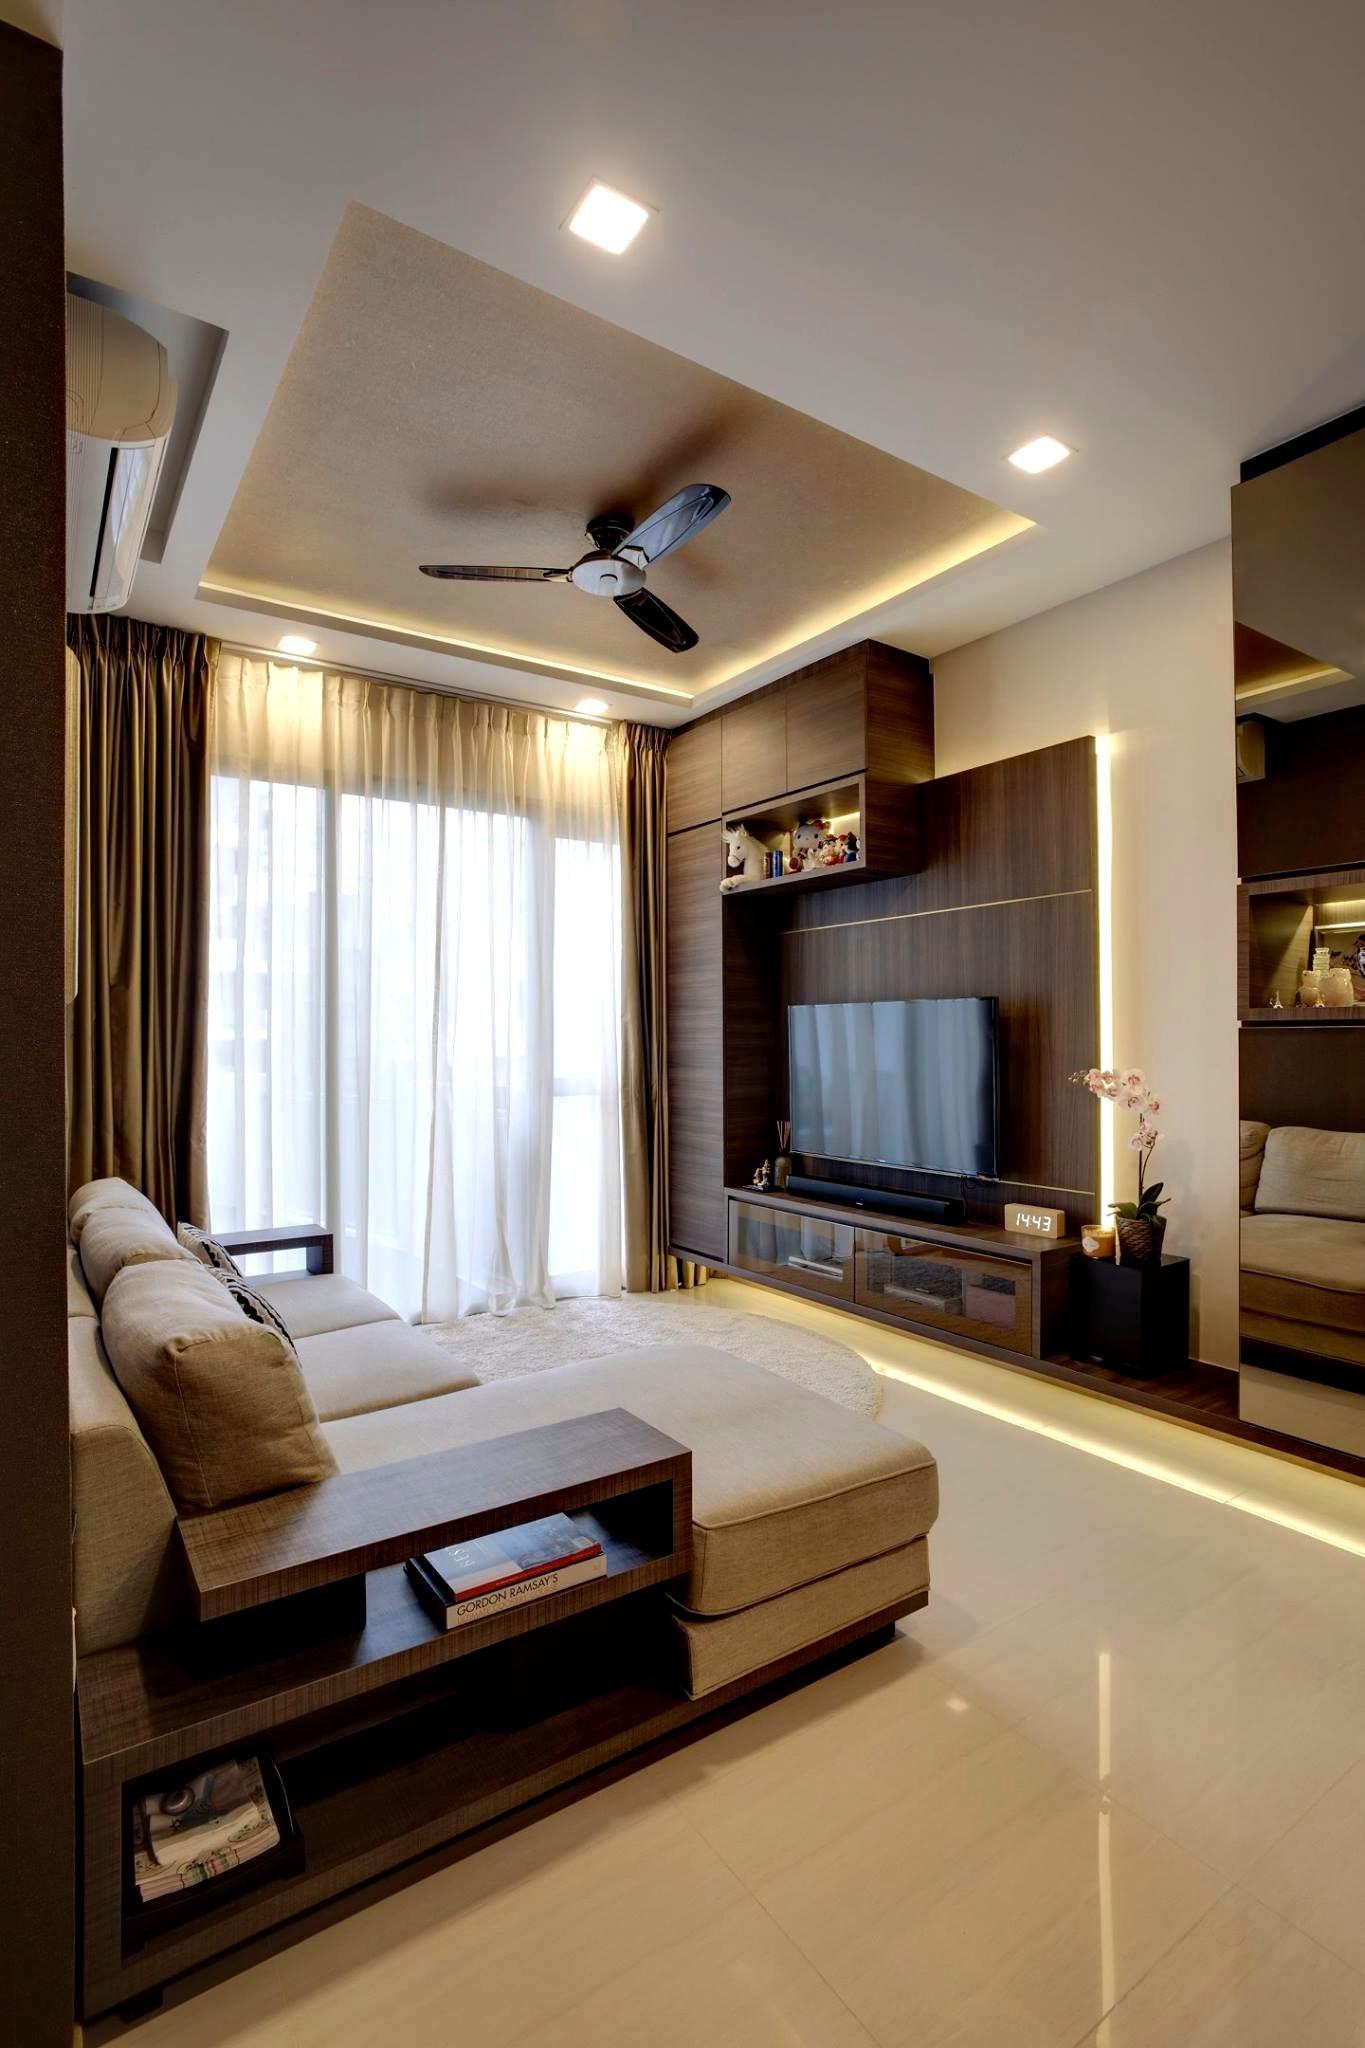 24 Brilliant False Ceiling Cabinets Ideas Condominium Interior Design Condo Interior Design Condo Interior